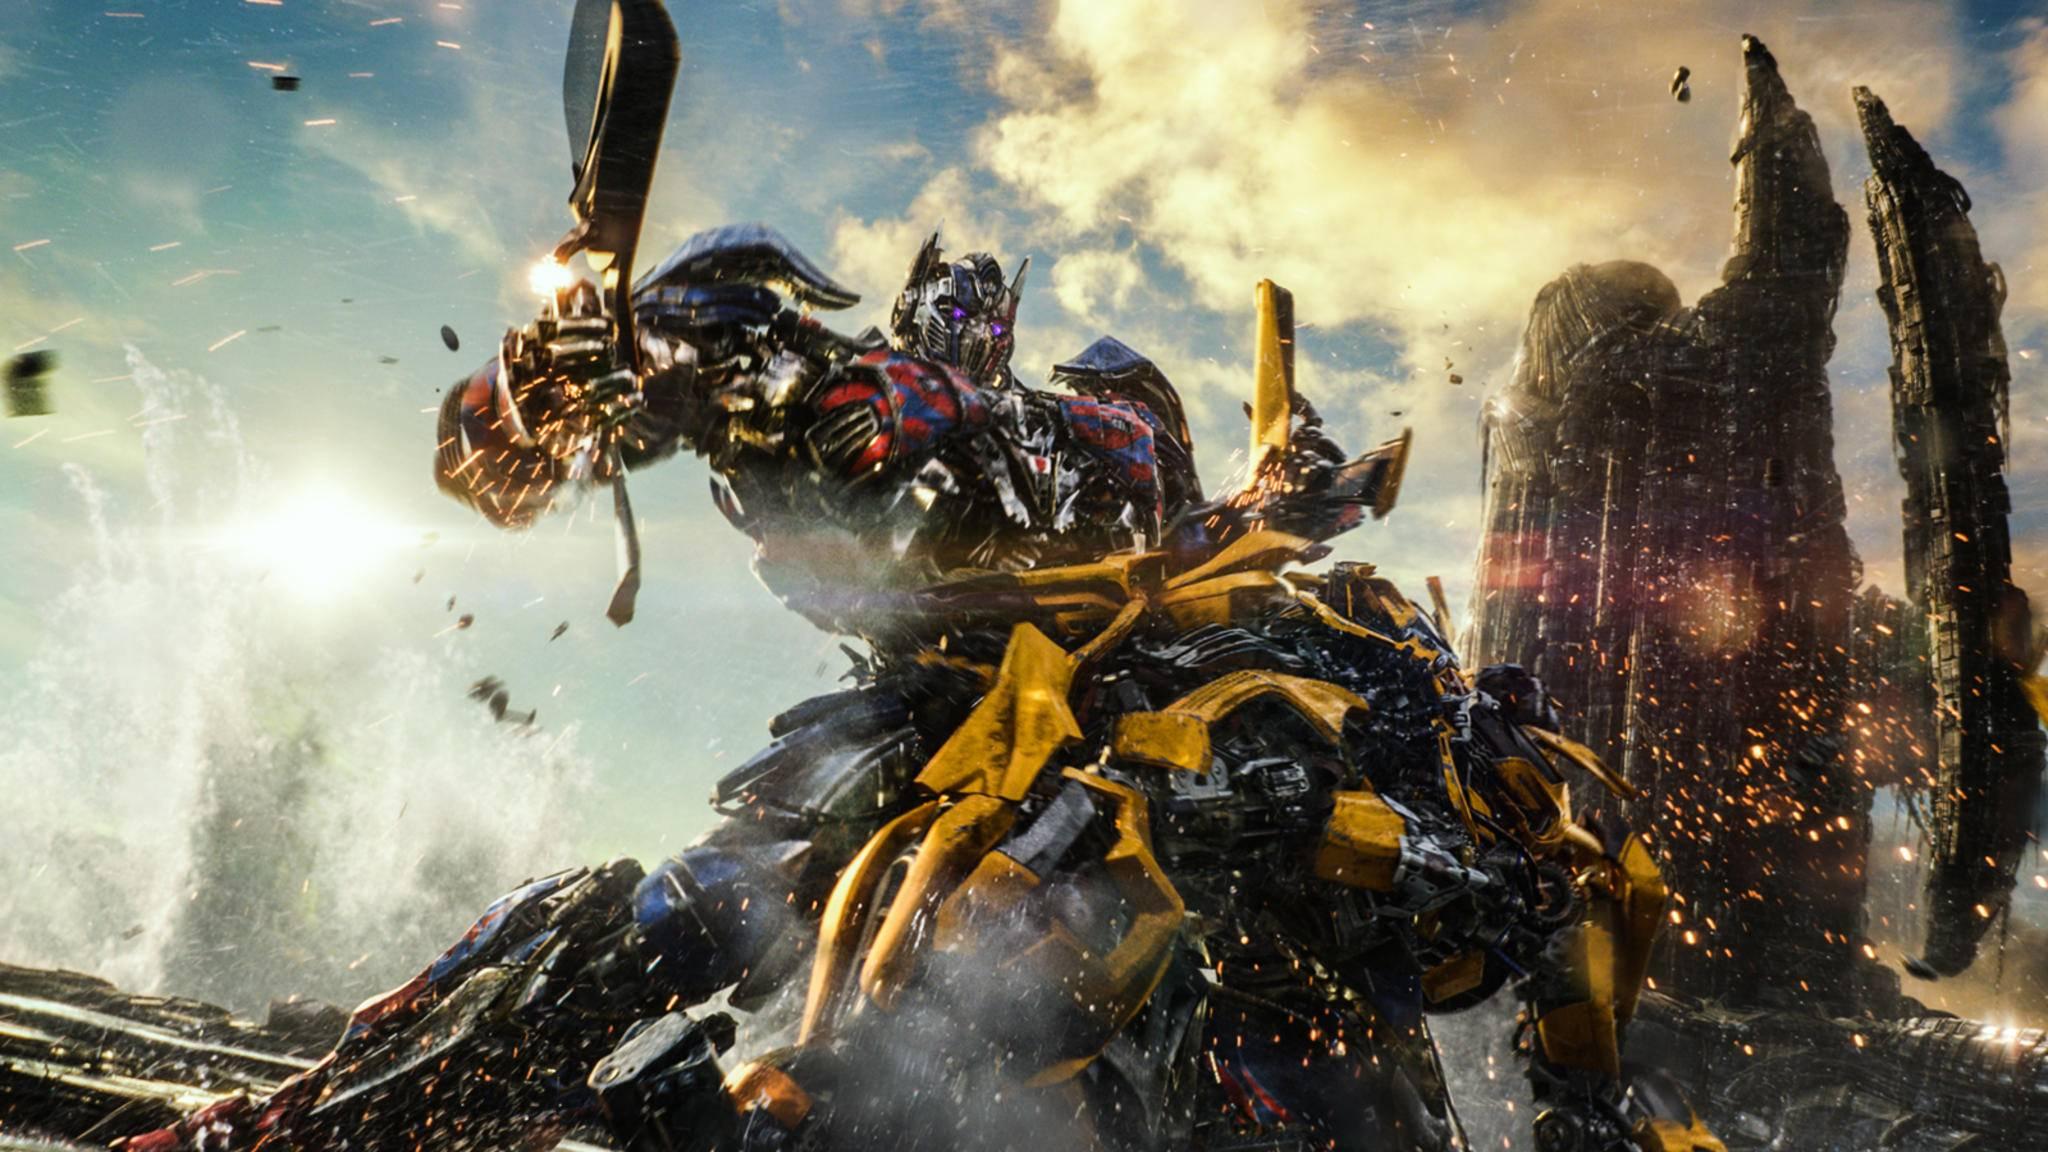 Da hilft auch keine Verwandlung: Die Transformers müssen sich neu erfinden.